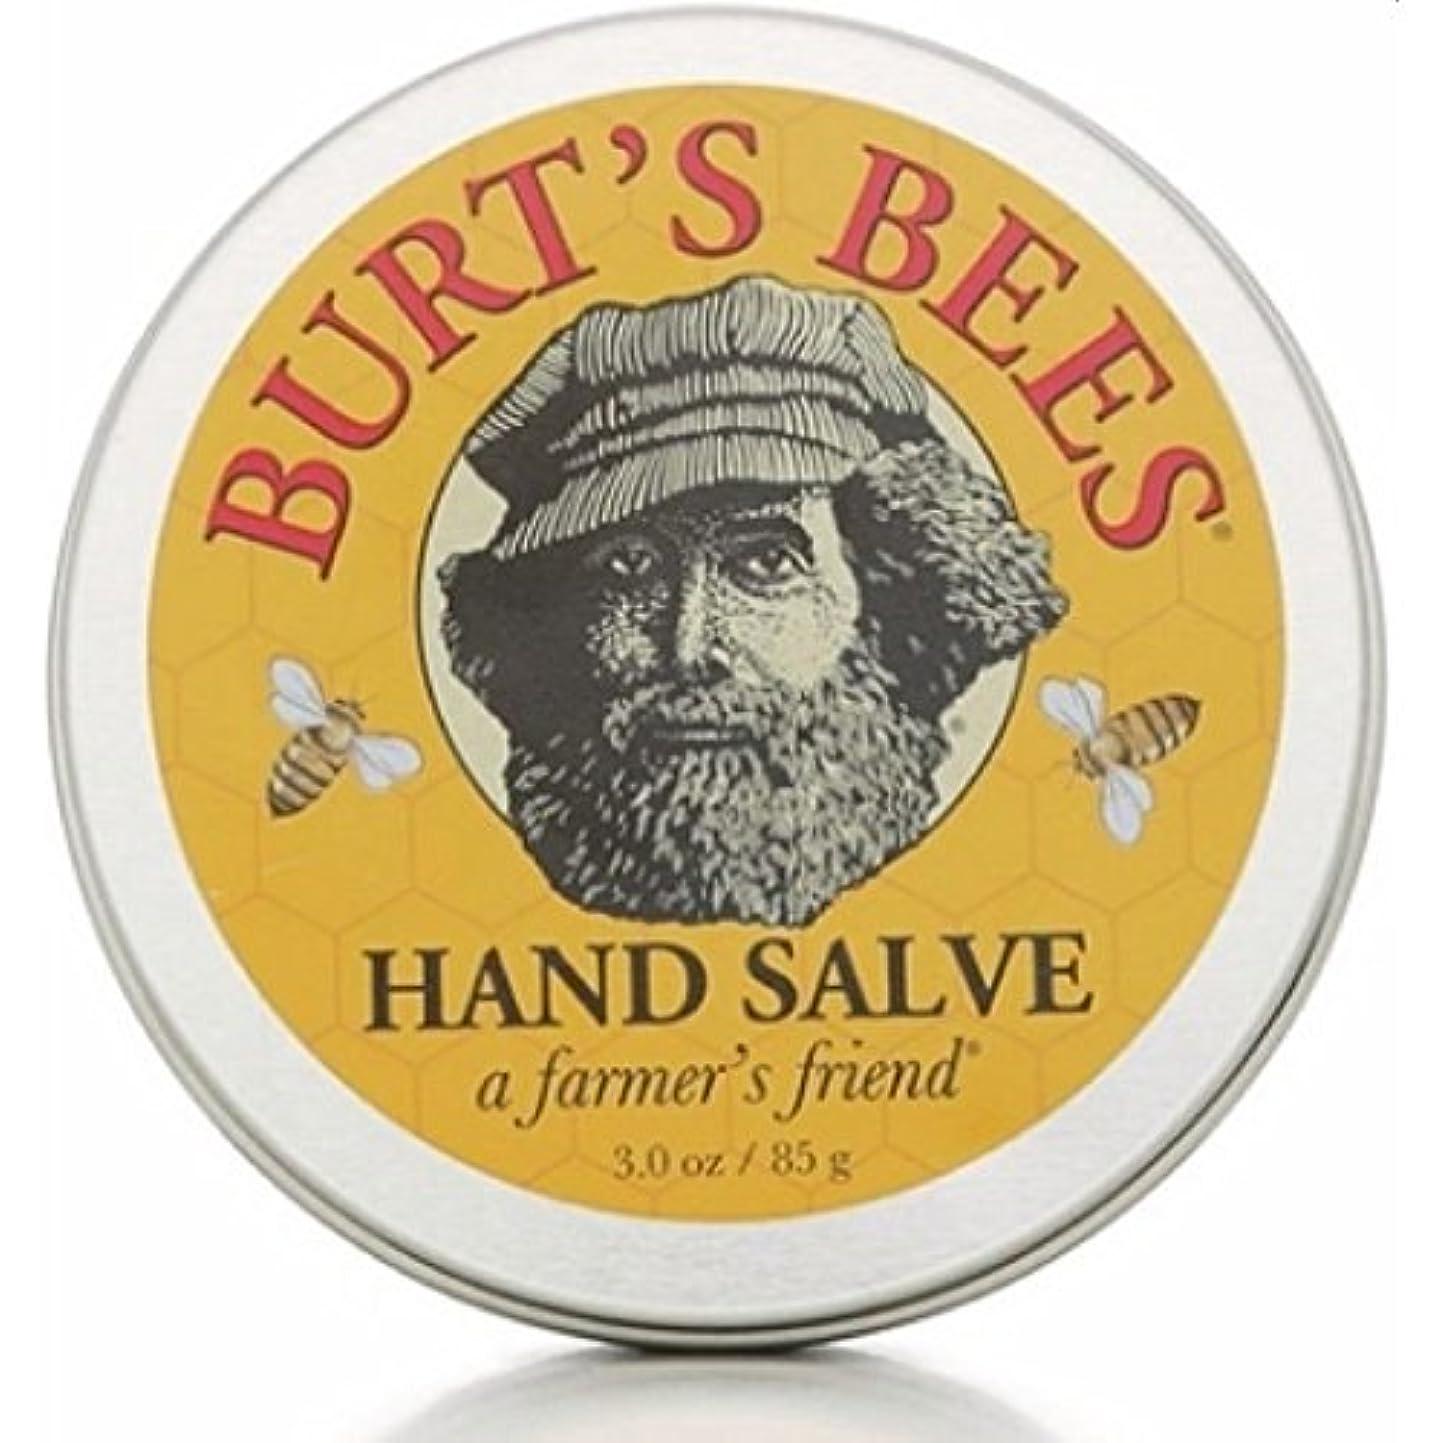 平和的一口豊富なバーツビーズ Burts Bees ハンドサルブ 85g 【並行輸入品】